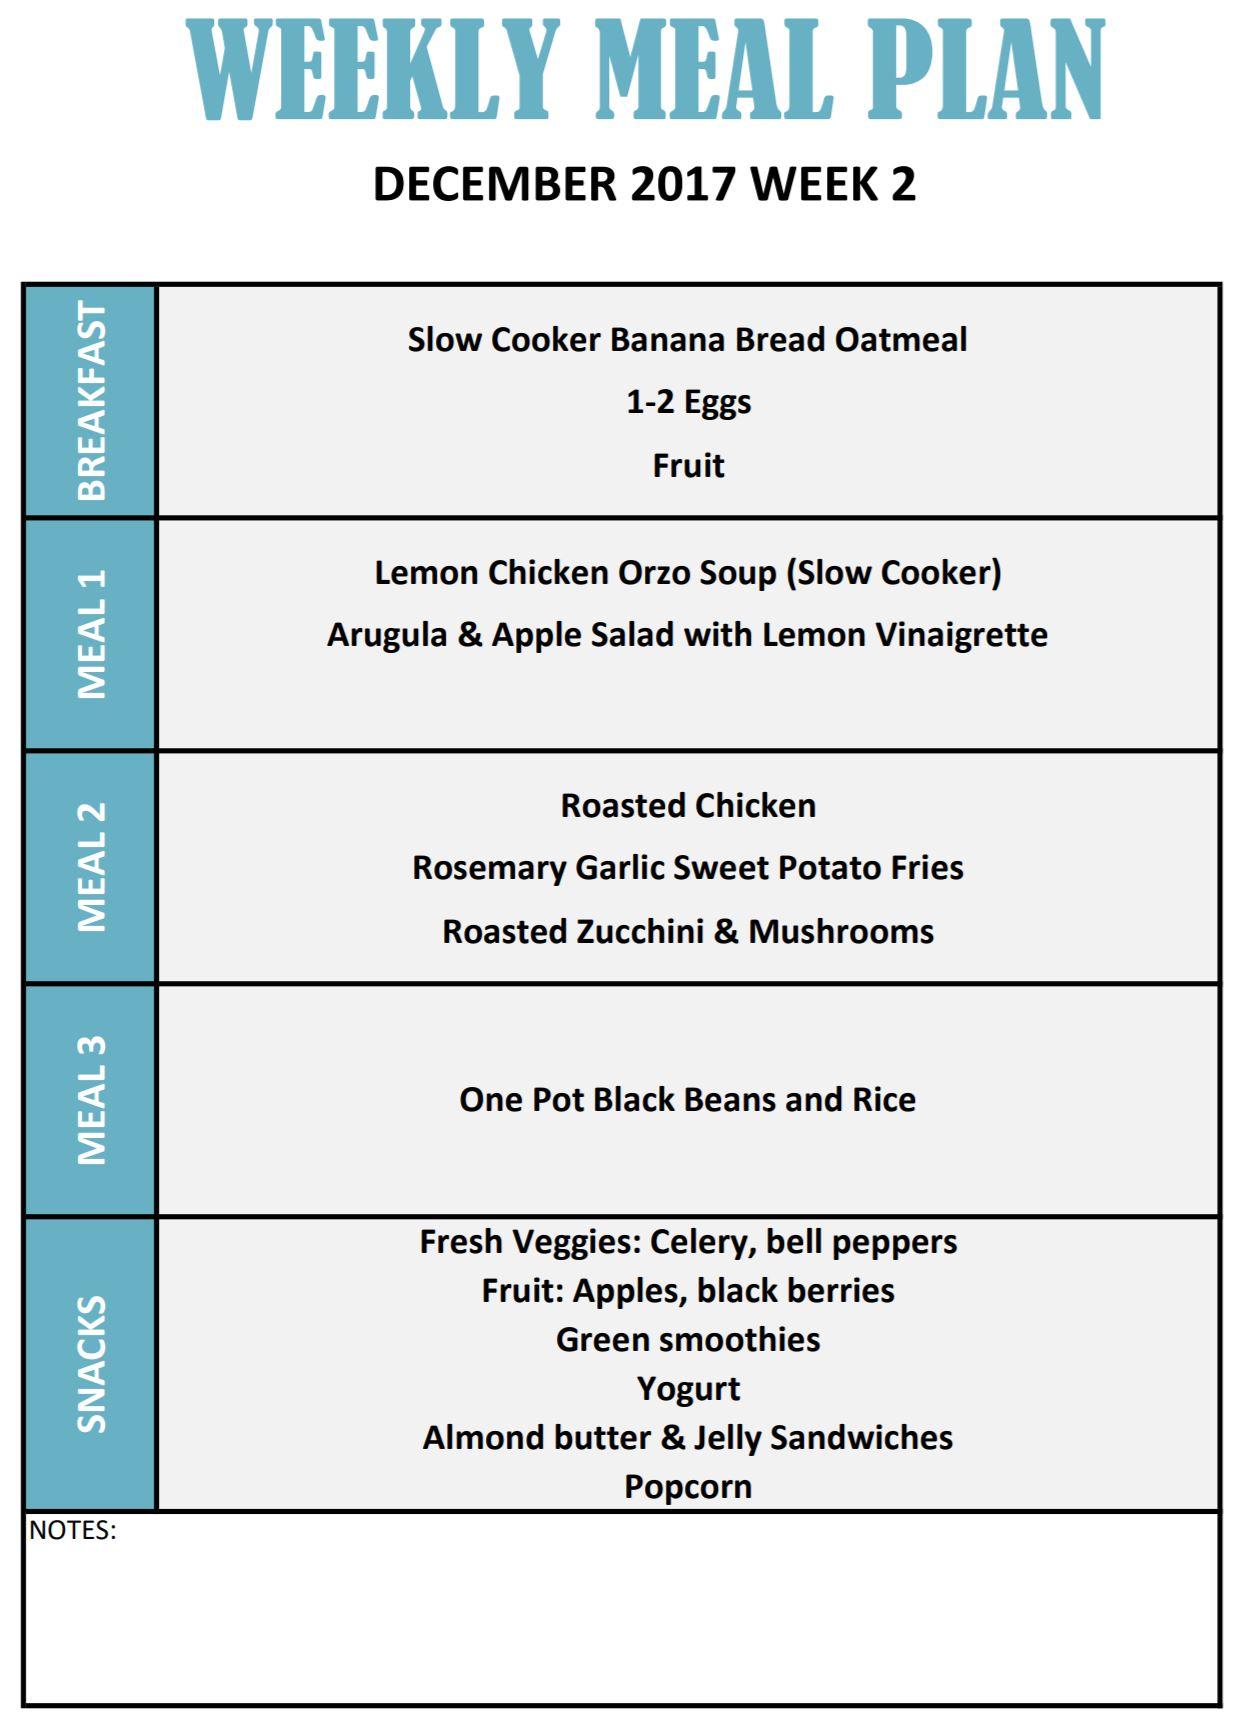 week meal planning